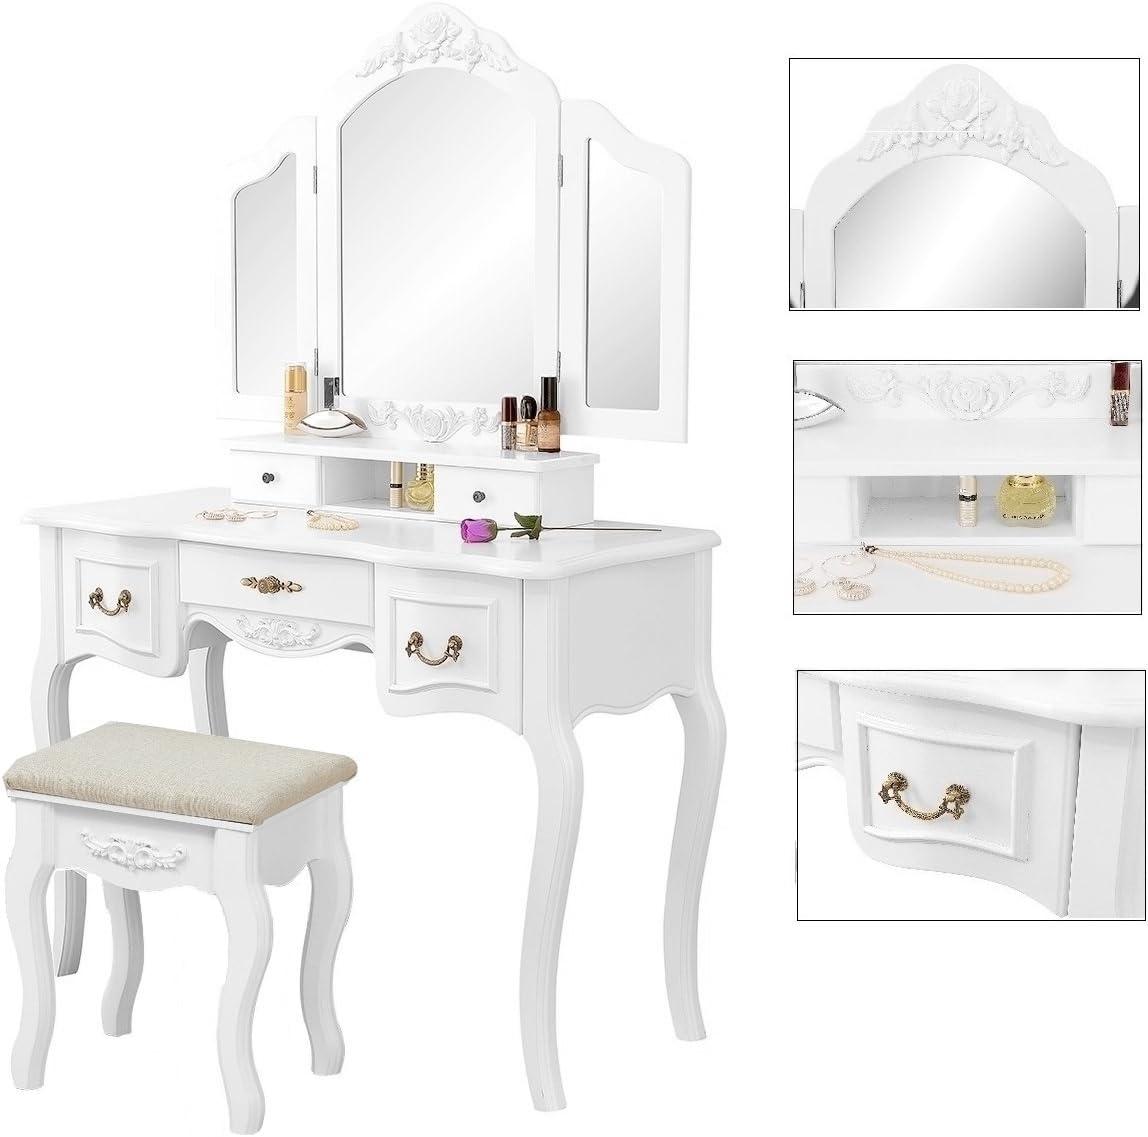 Gemani 01-0023 Grande Coiffeuse avec 3 miroirs et Tabouret